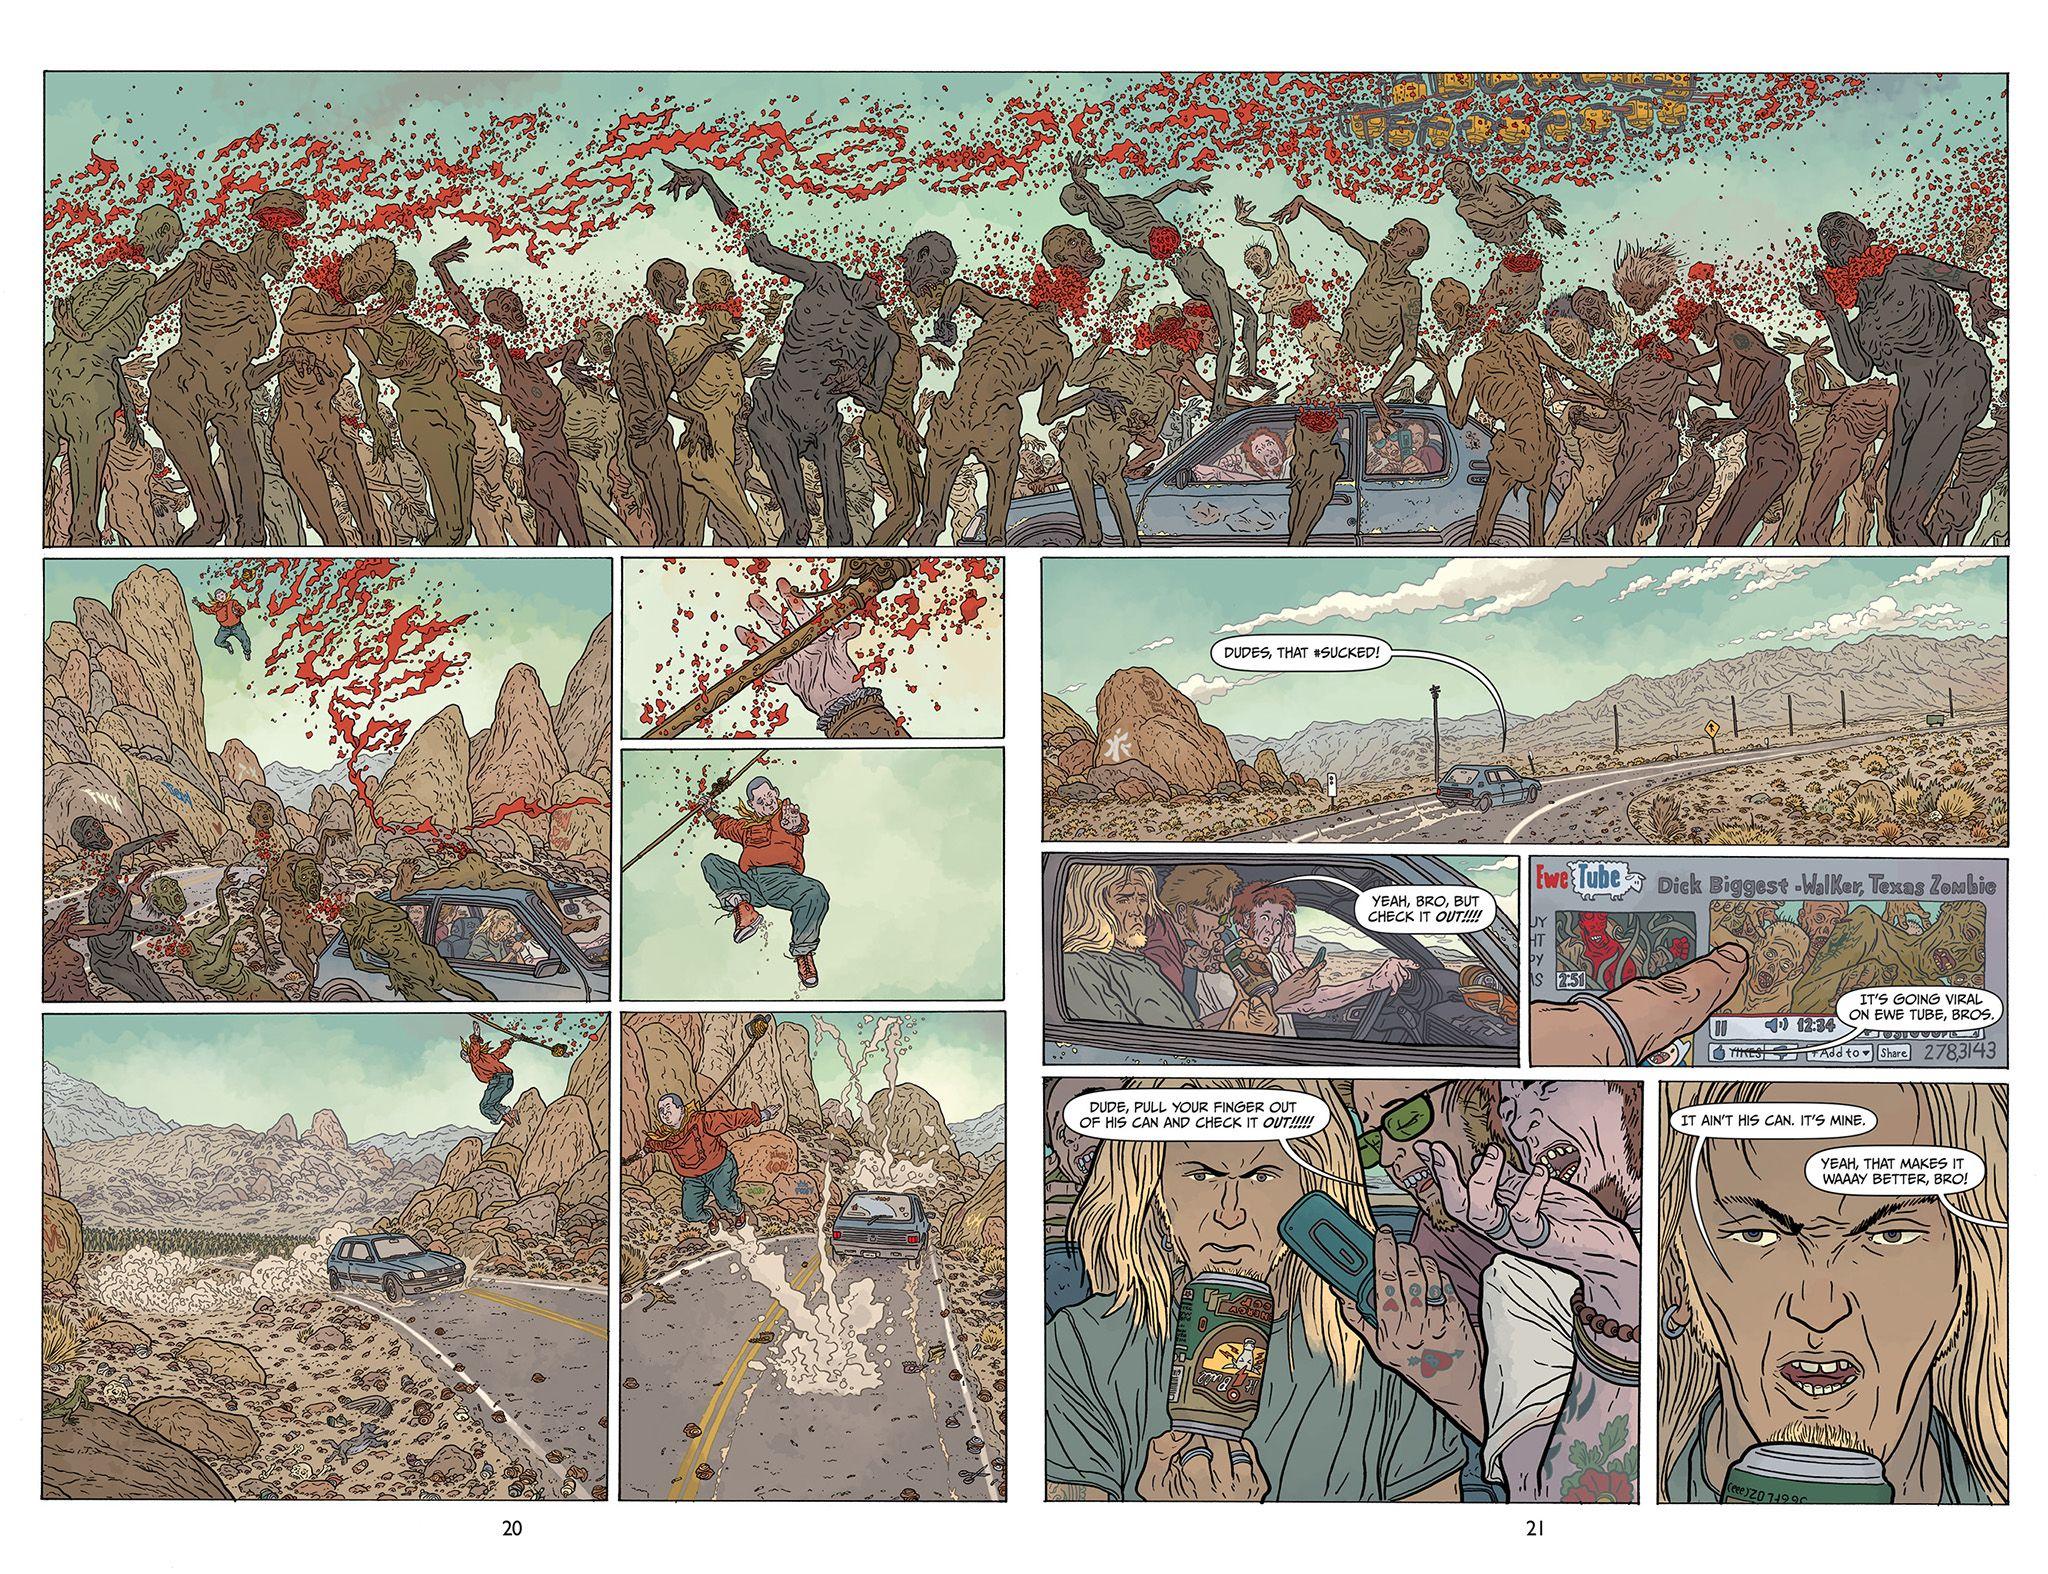 Shaolin Cowboy #01 by Geof Darrow | Fumetti